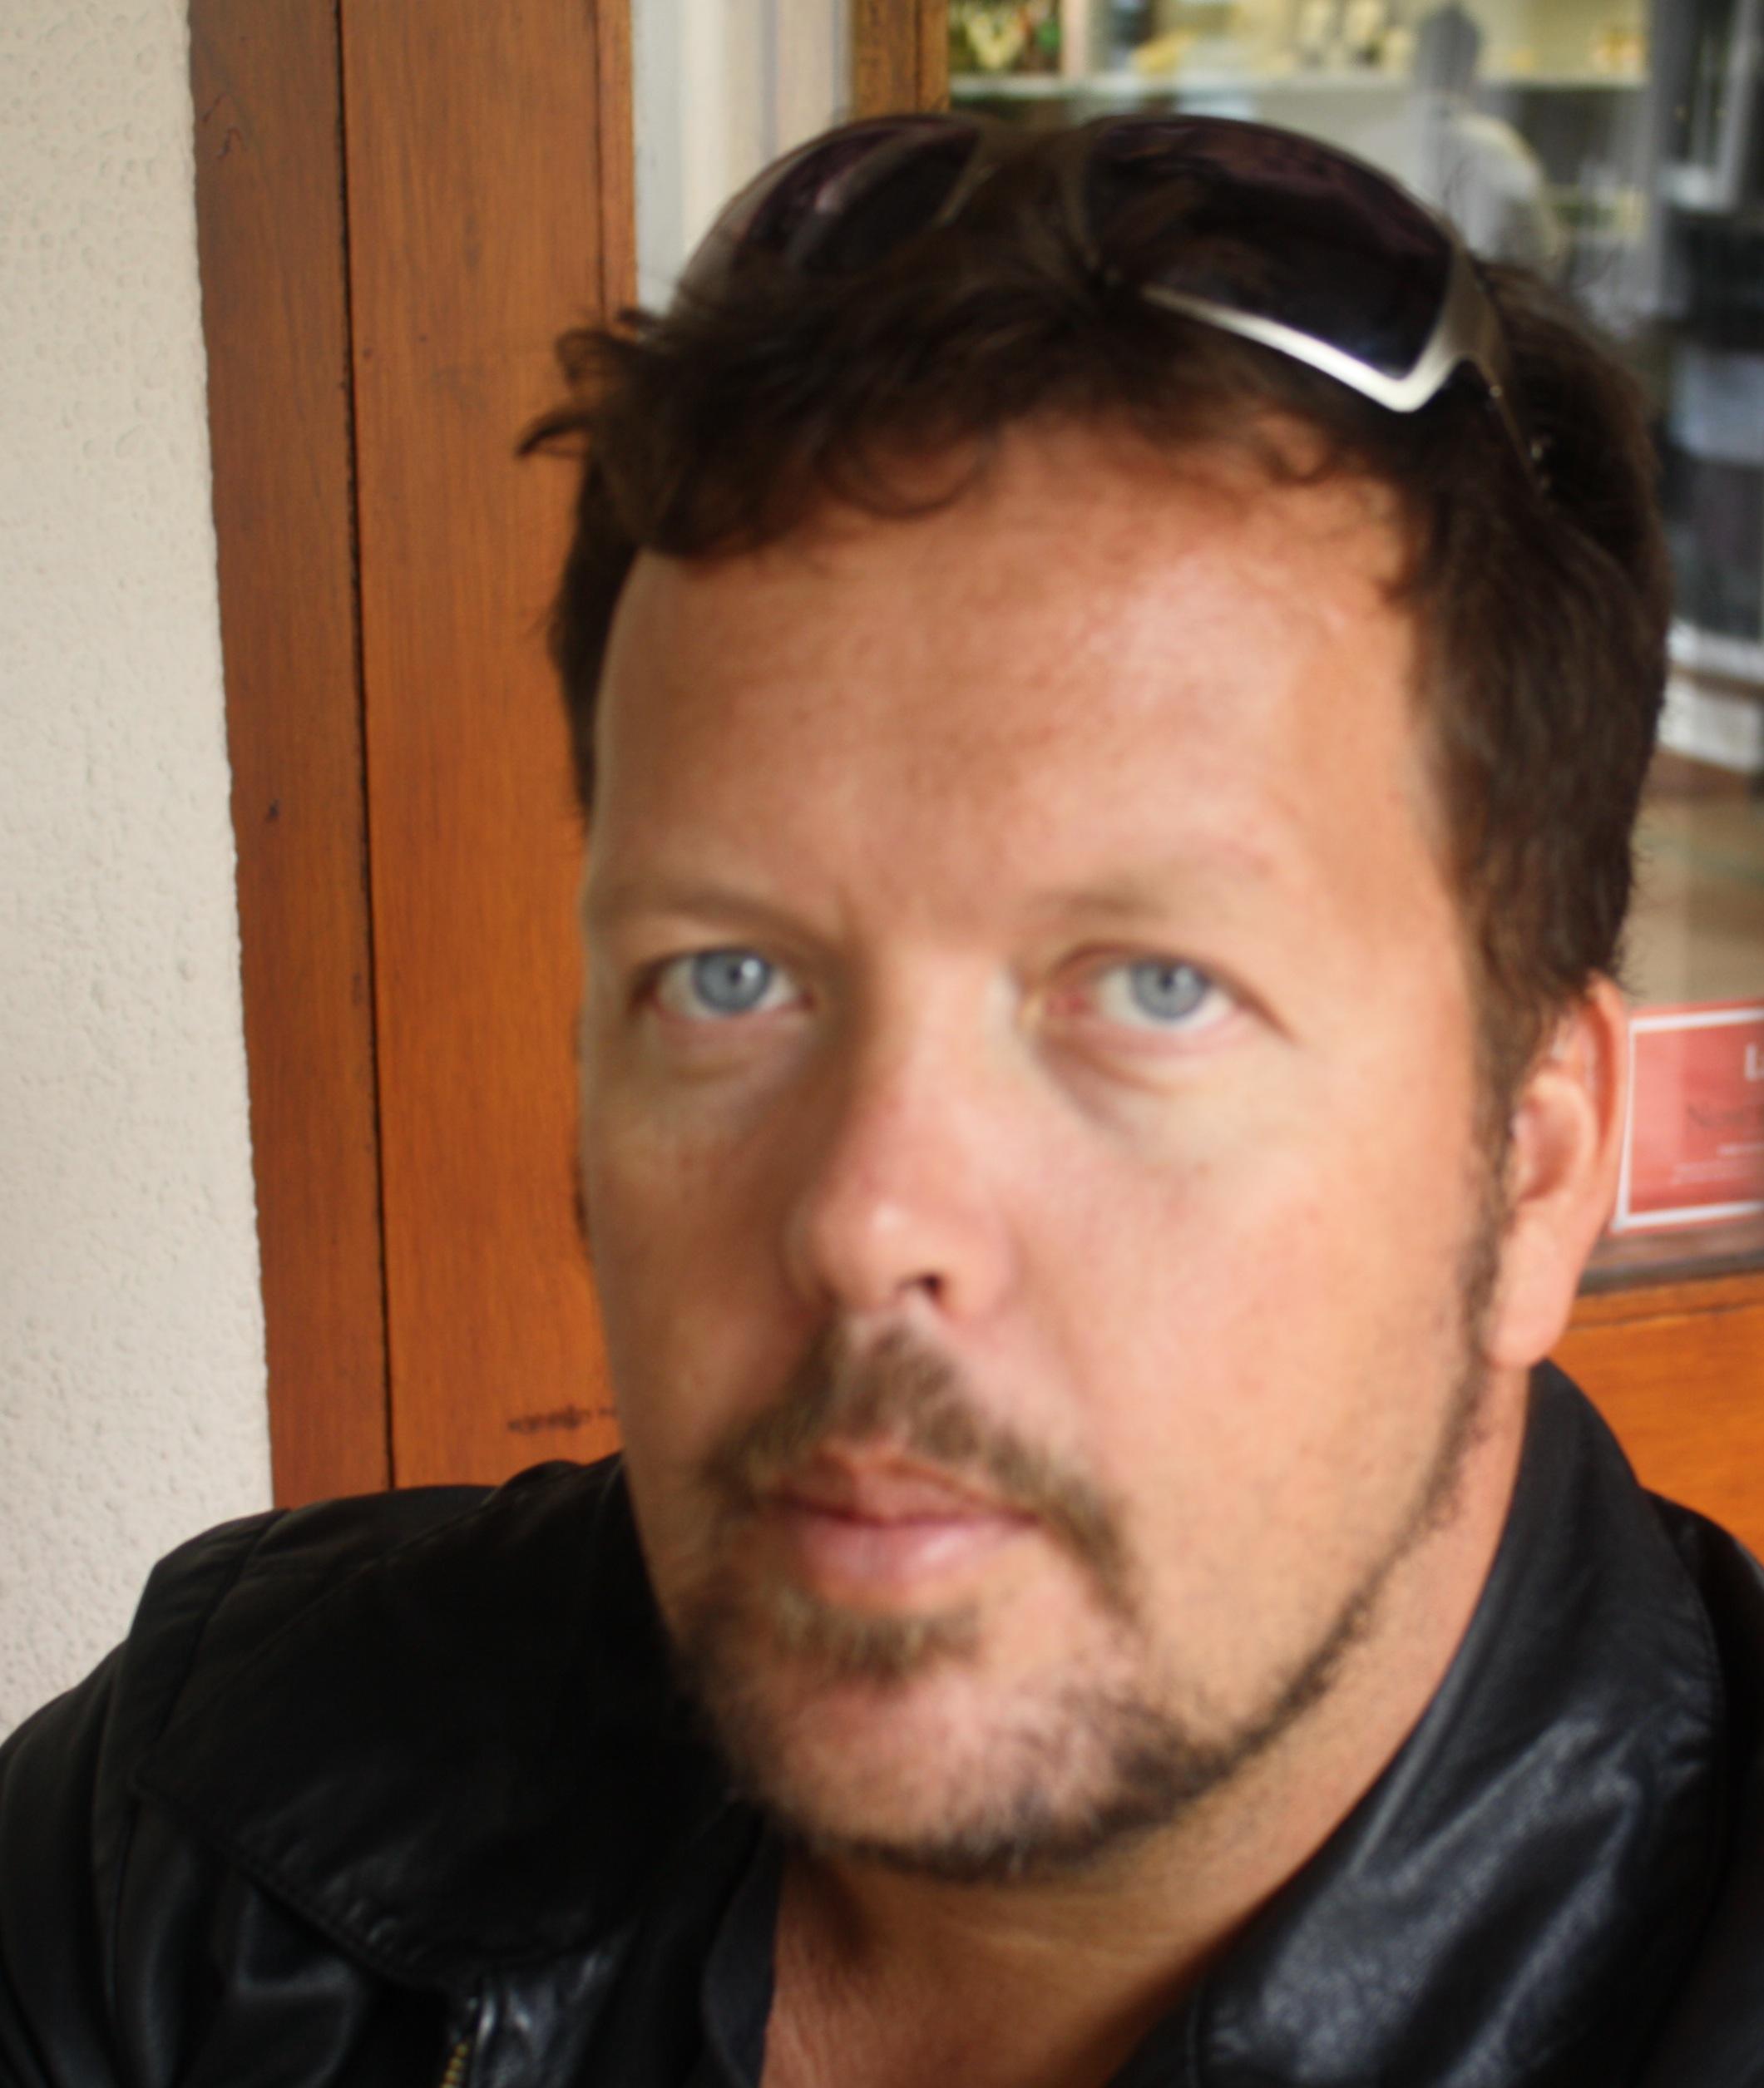 Director/producer Francois Verster